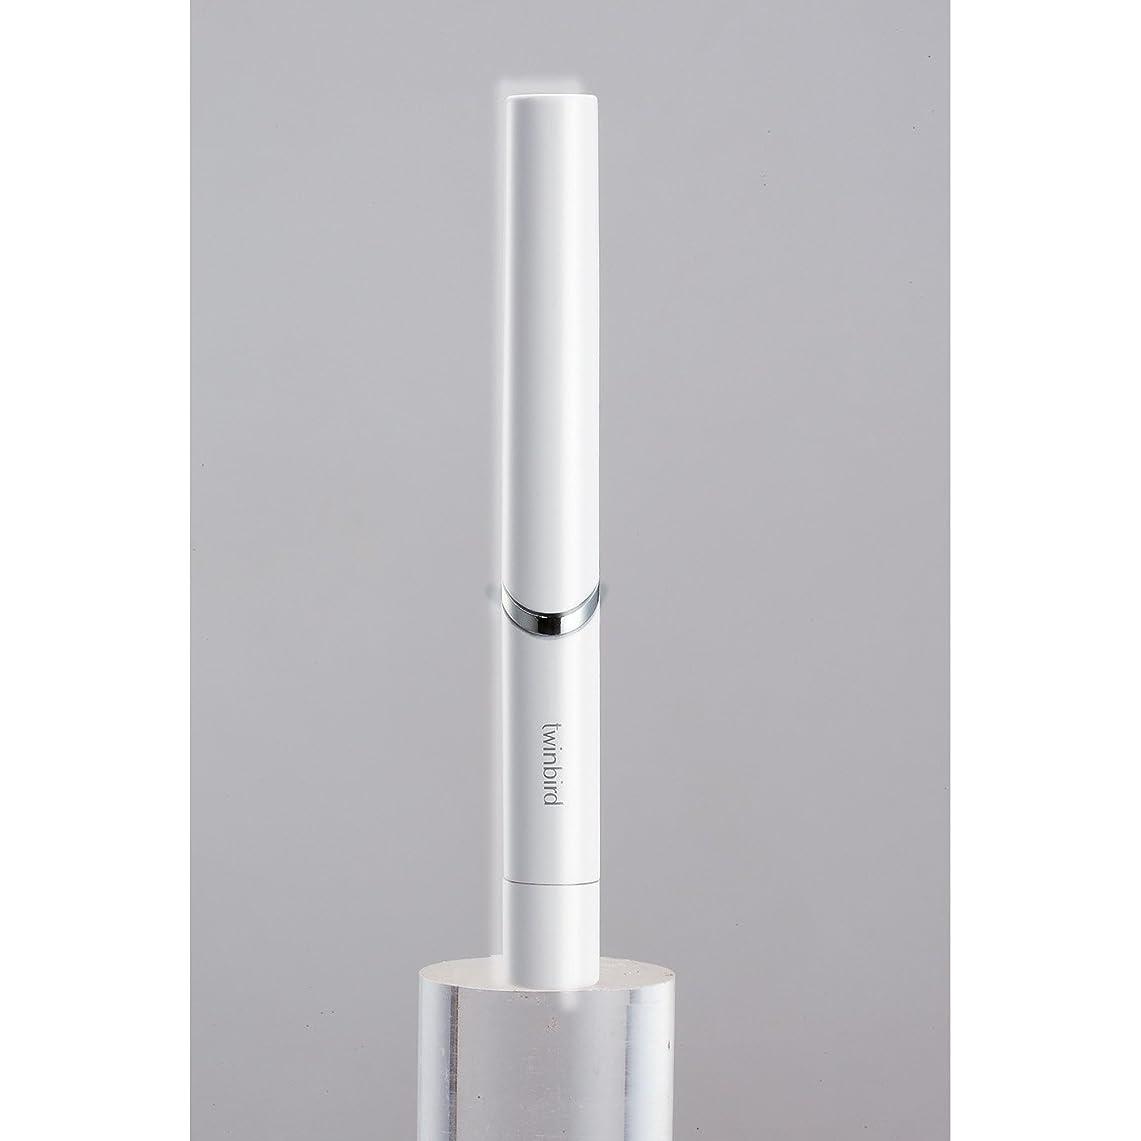 そうインチ翻訳者ツインバード 音波振動式歯ブラシ BD-2741 ホワイト?BD-2741W